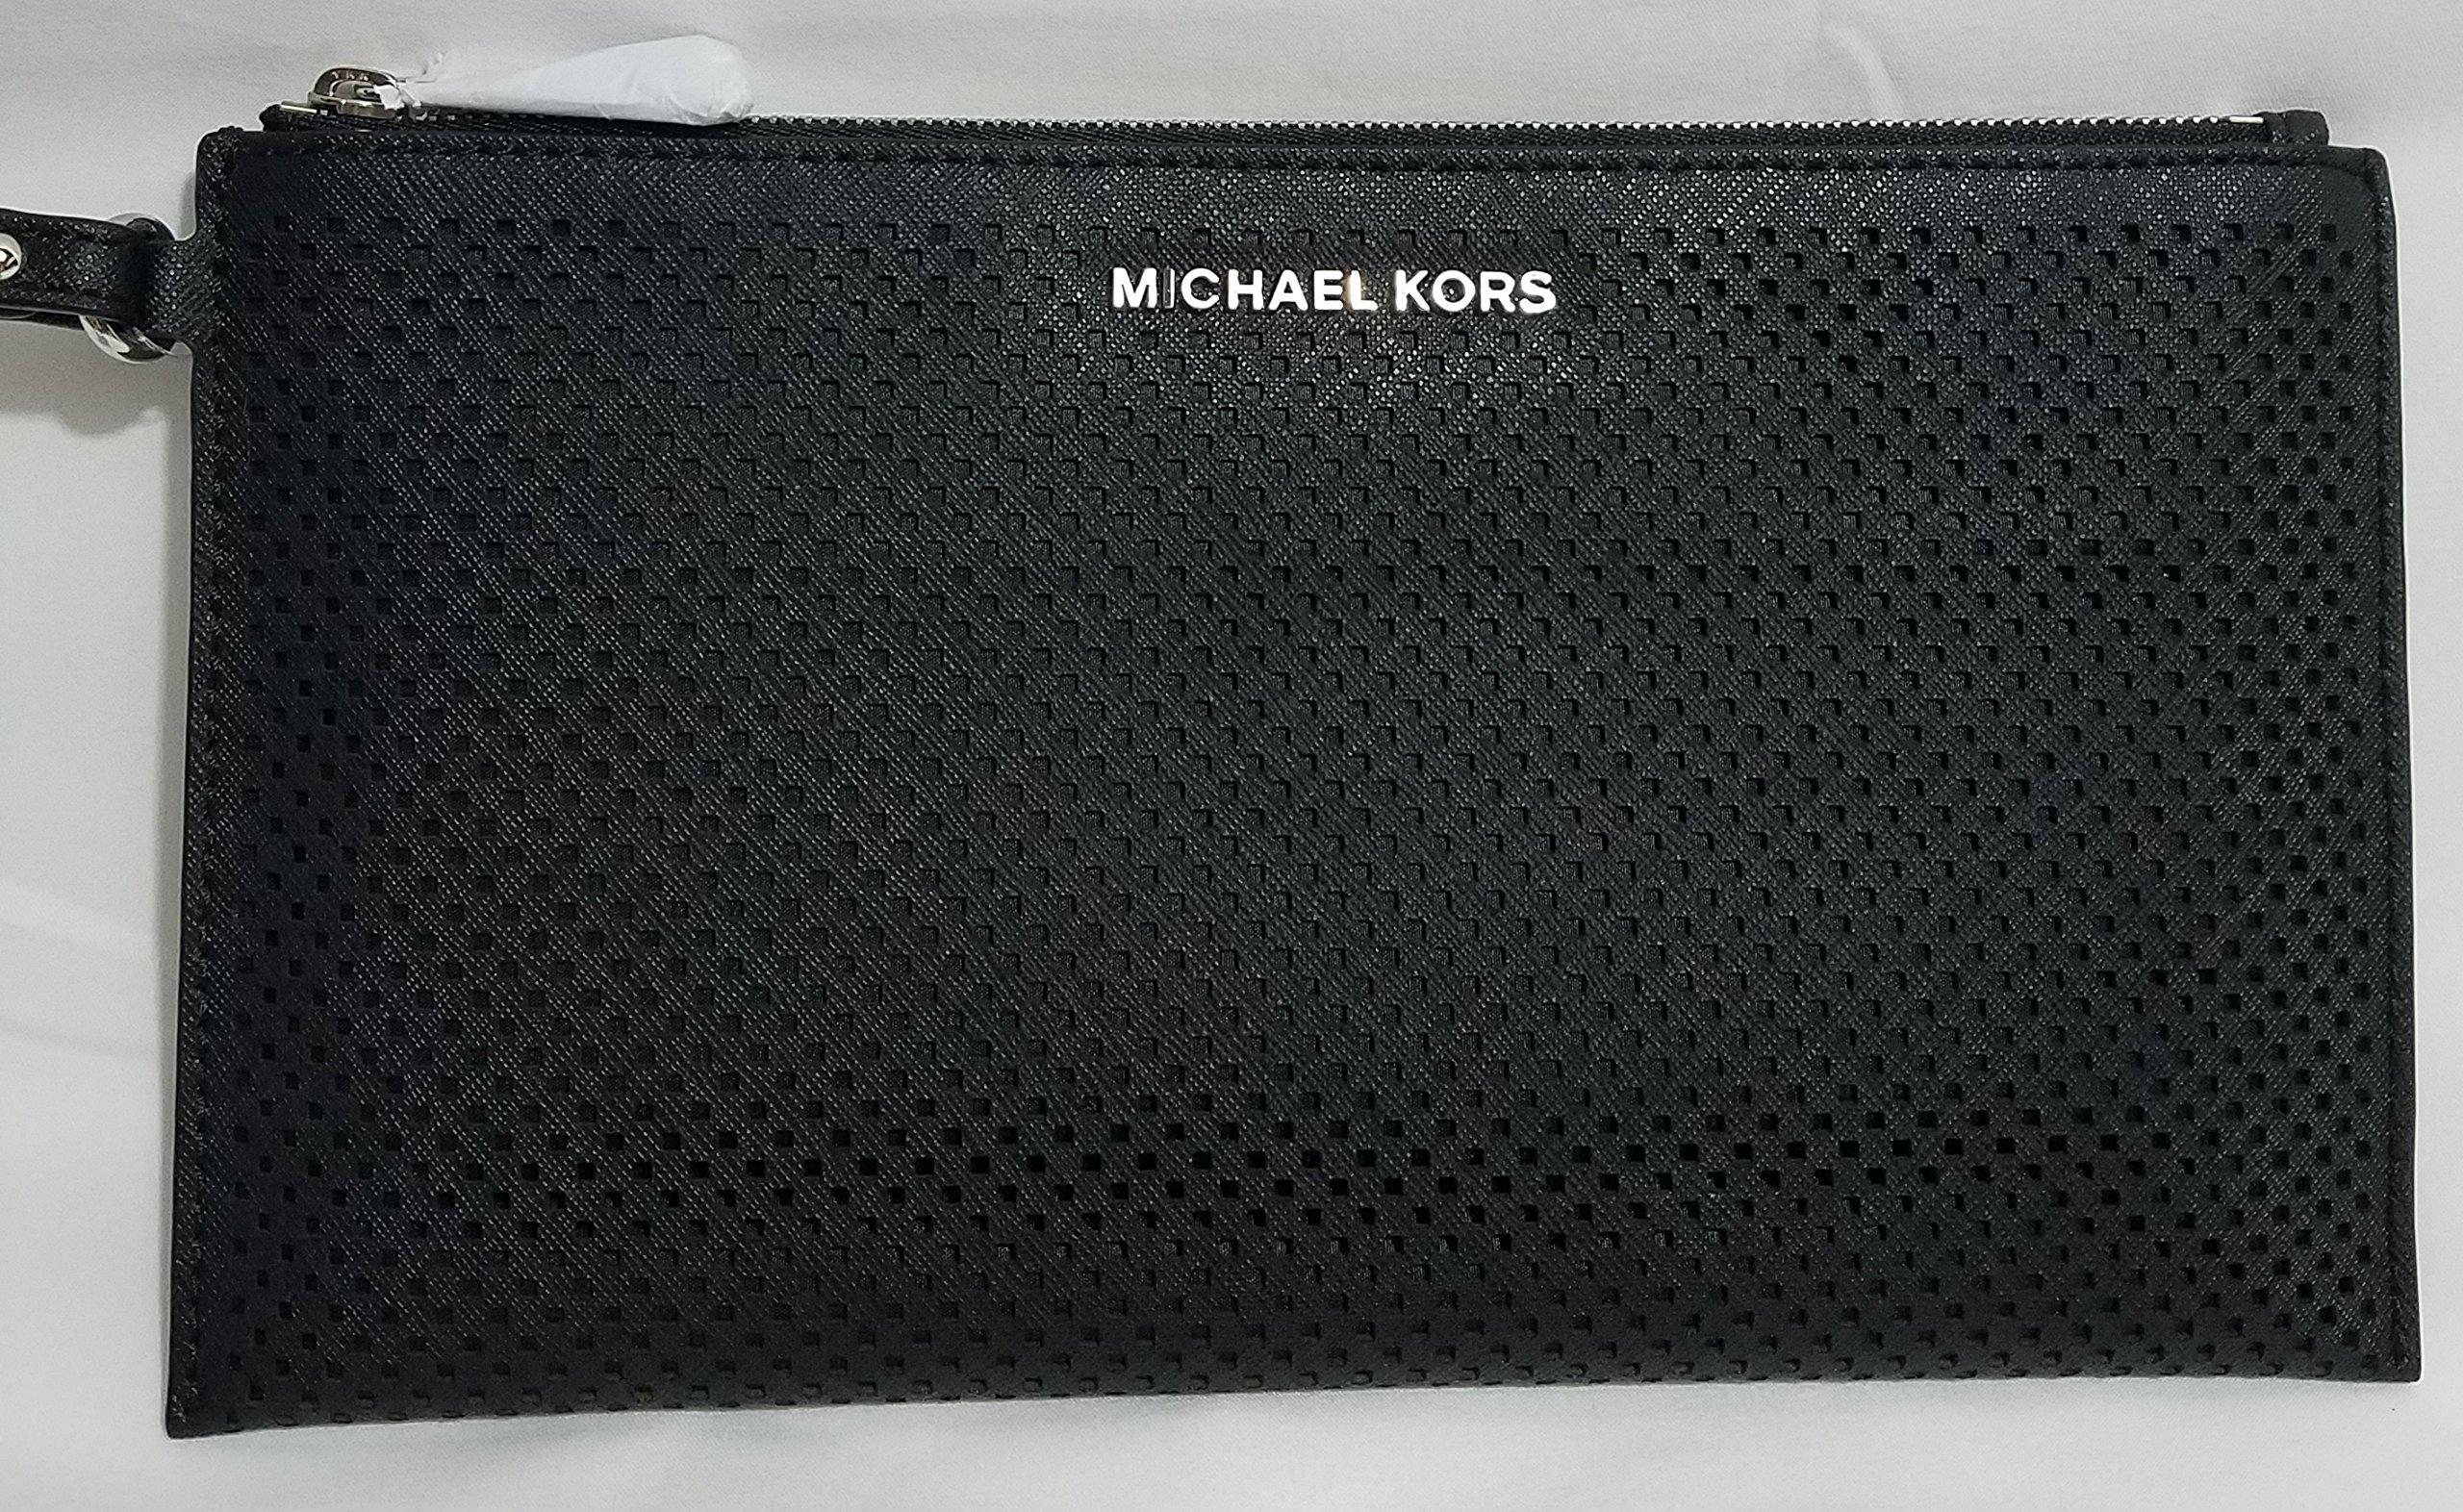 Michael Kors Women's Large Jet Set Travel Zip Leather Clutch Baguette - Black